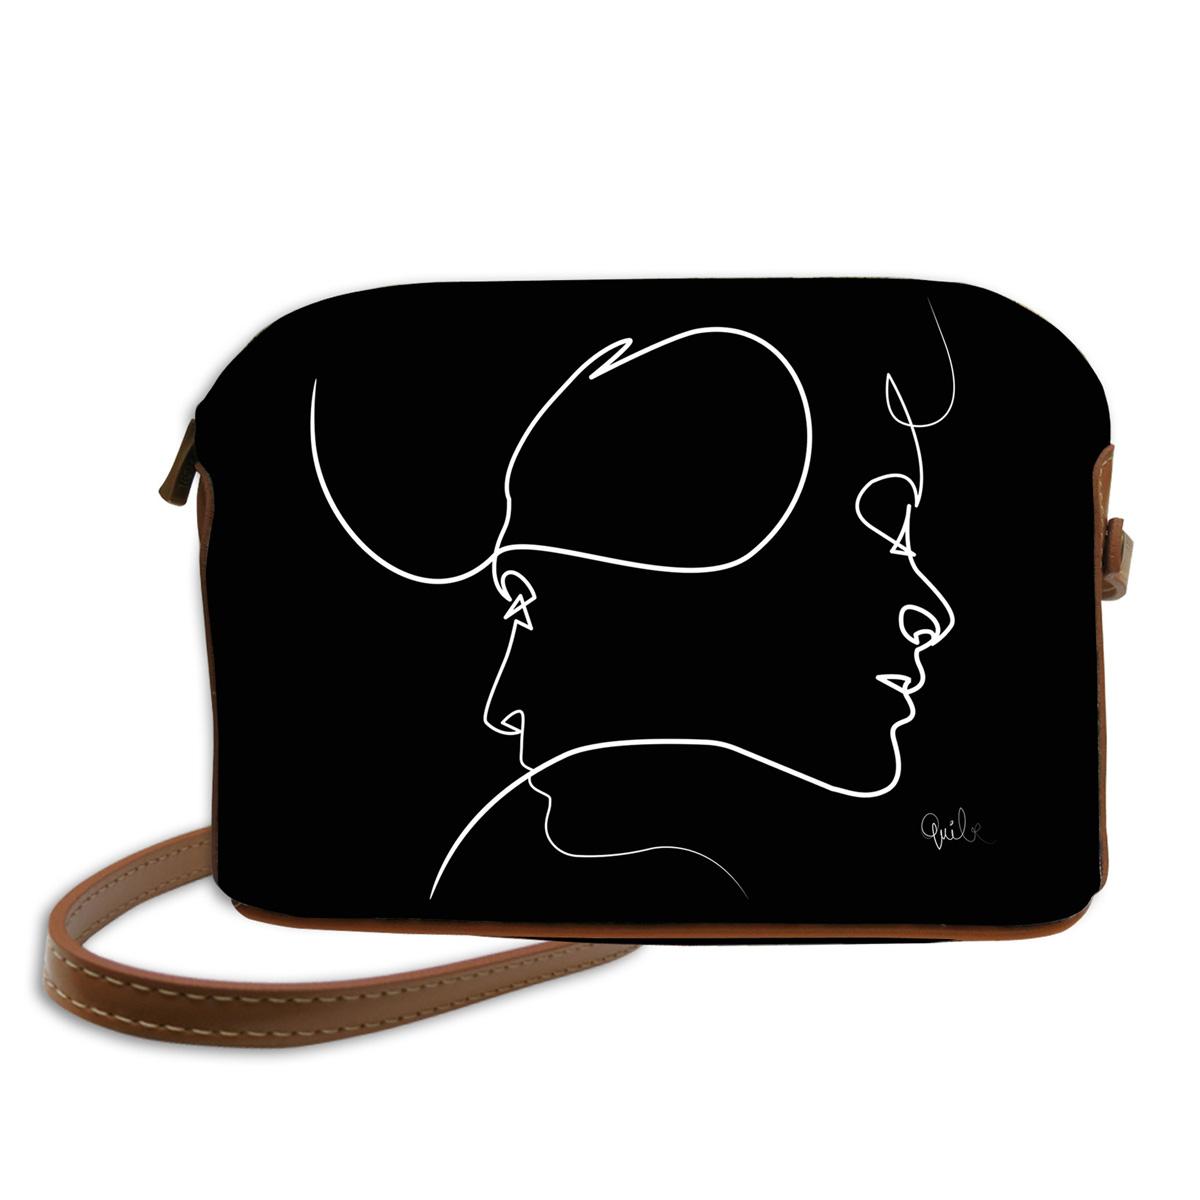 Sac bandoulière artisanal \'Quibe\' noir marron (Presque - visages)  - 23x17x6 cm - [A0333]